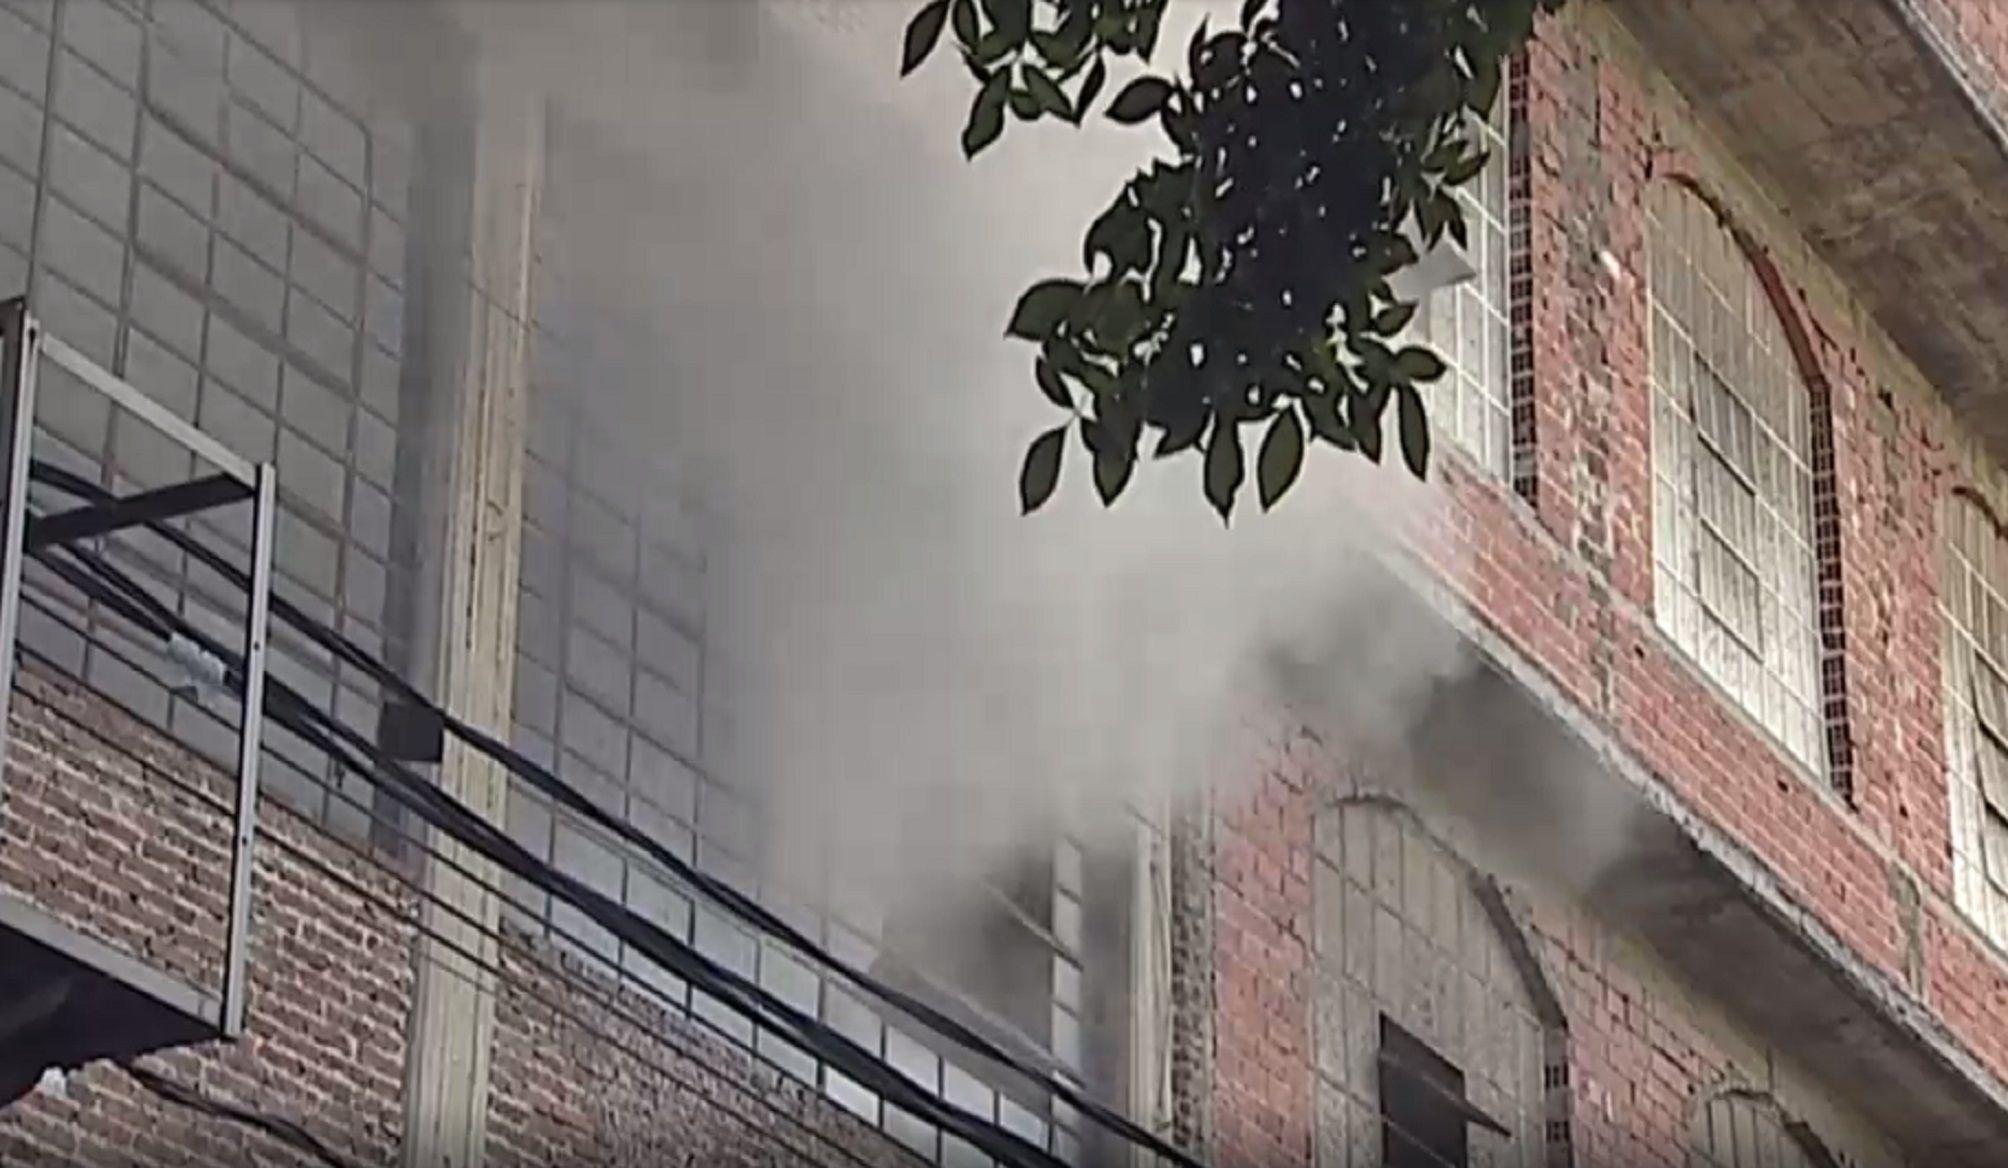 Se incendió una fábrica de textiles en San Martín